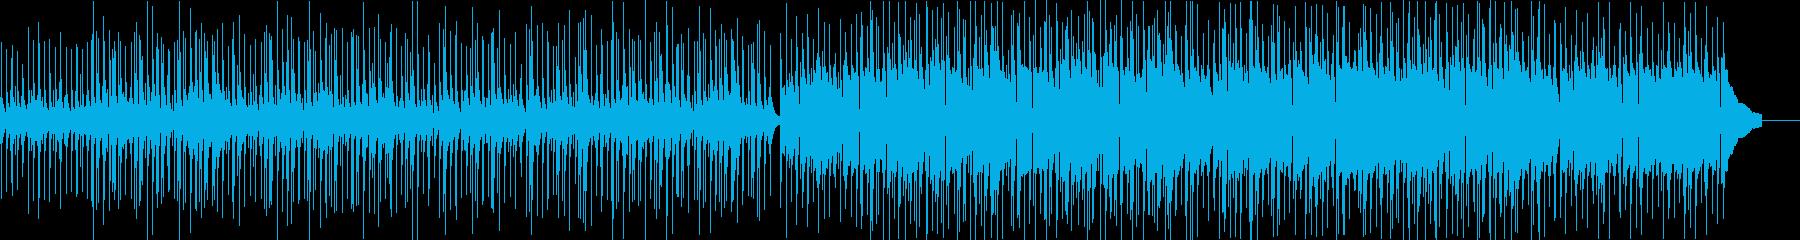 のんびりしたゆるい雰囲気のウクレレBGMの再生済みの波形